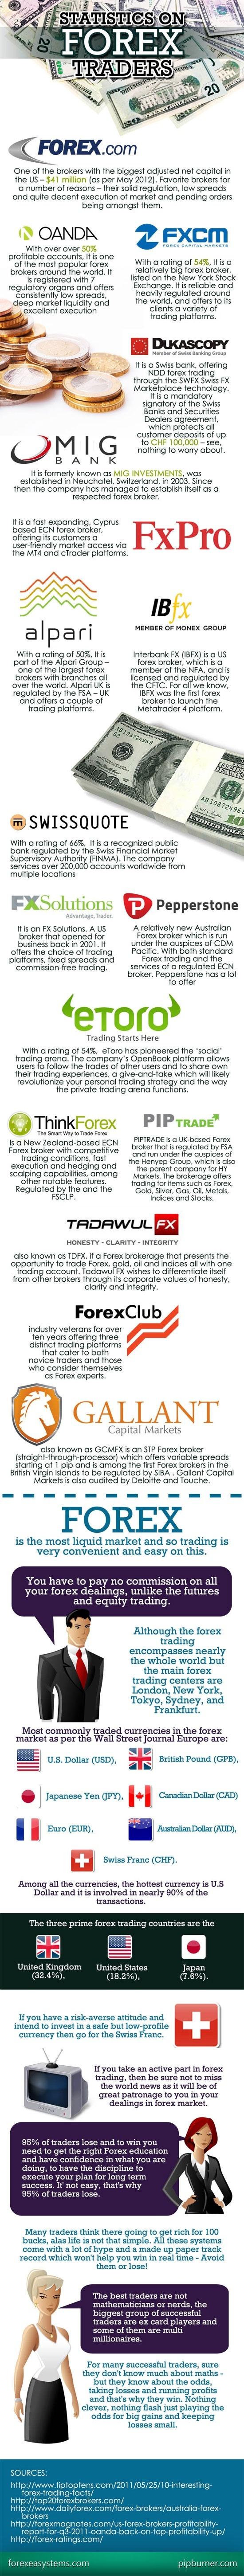 Fb aktienoptionen ketten bild 7